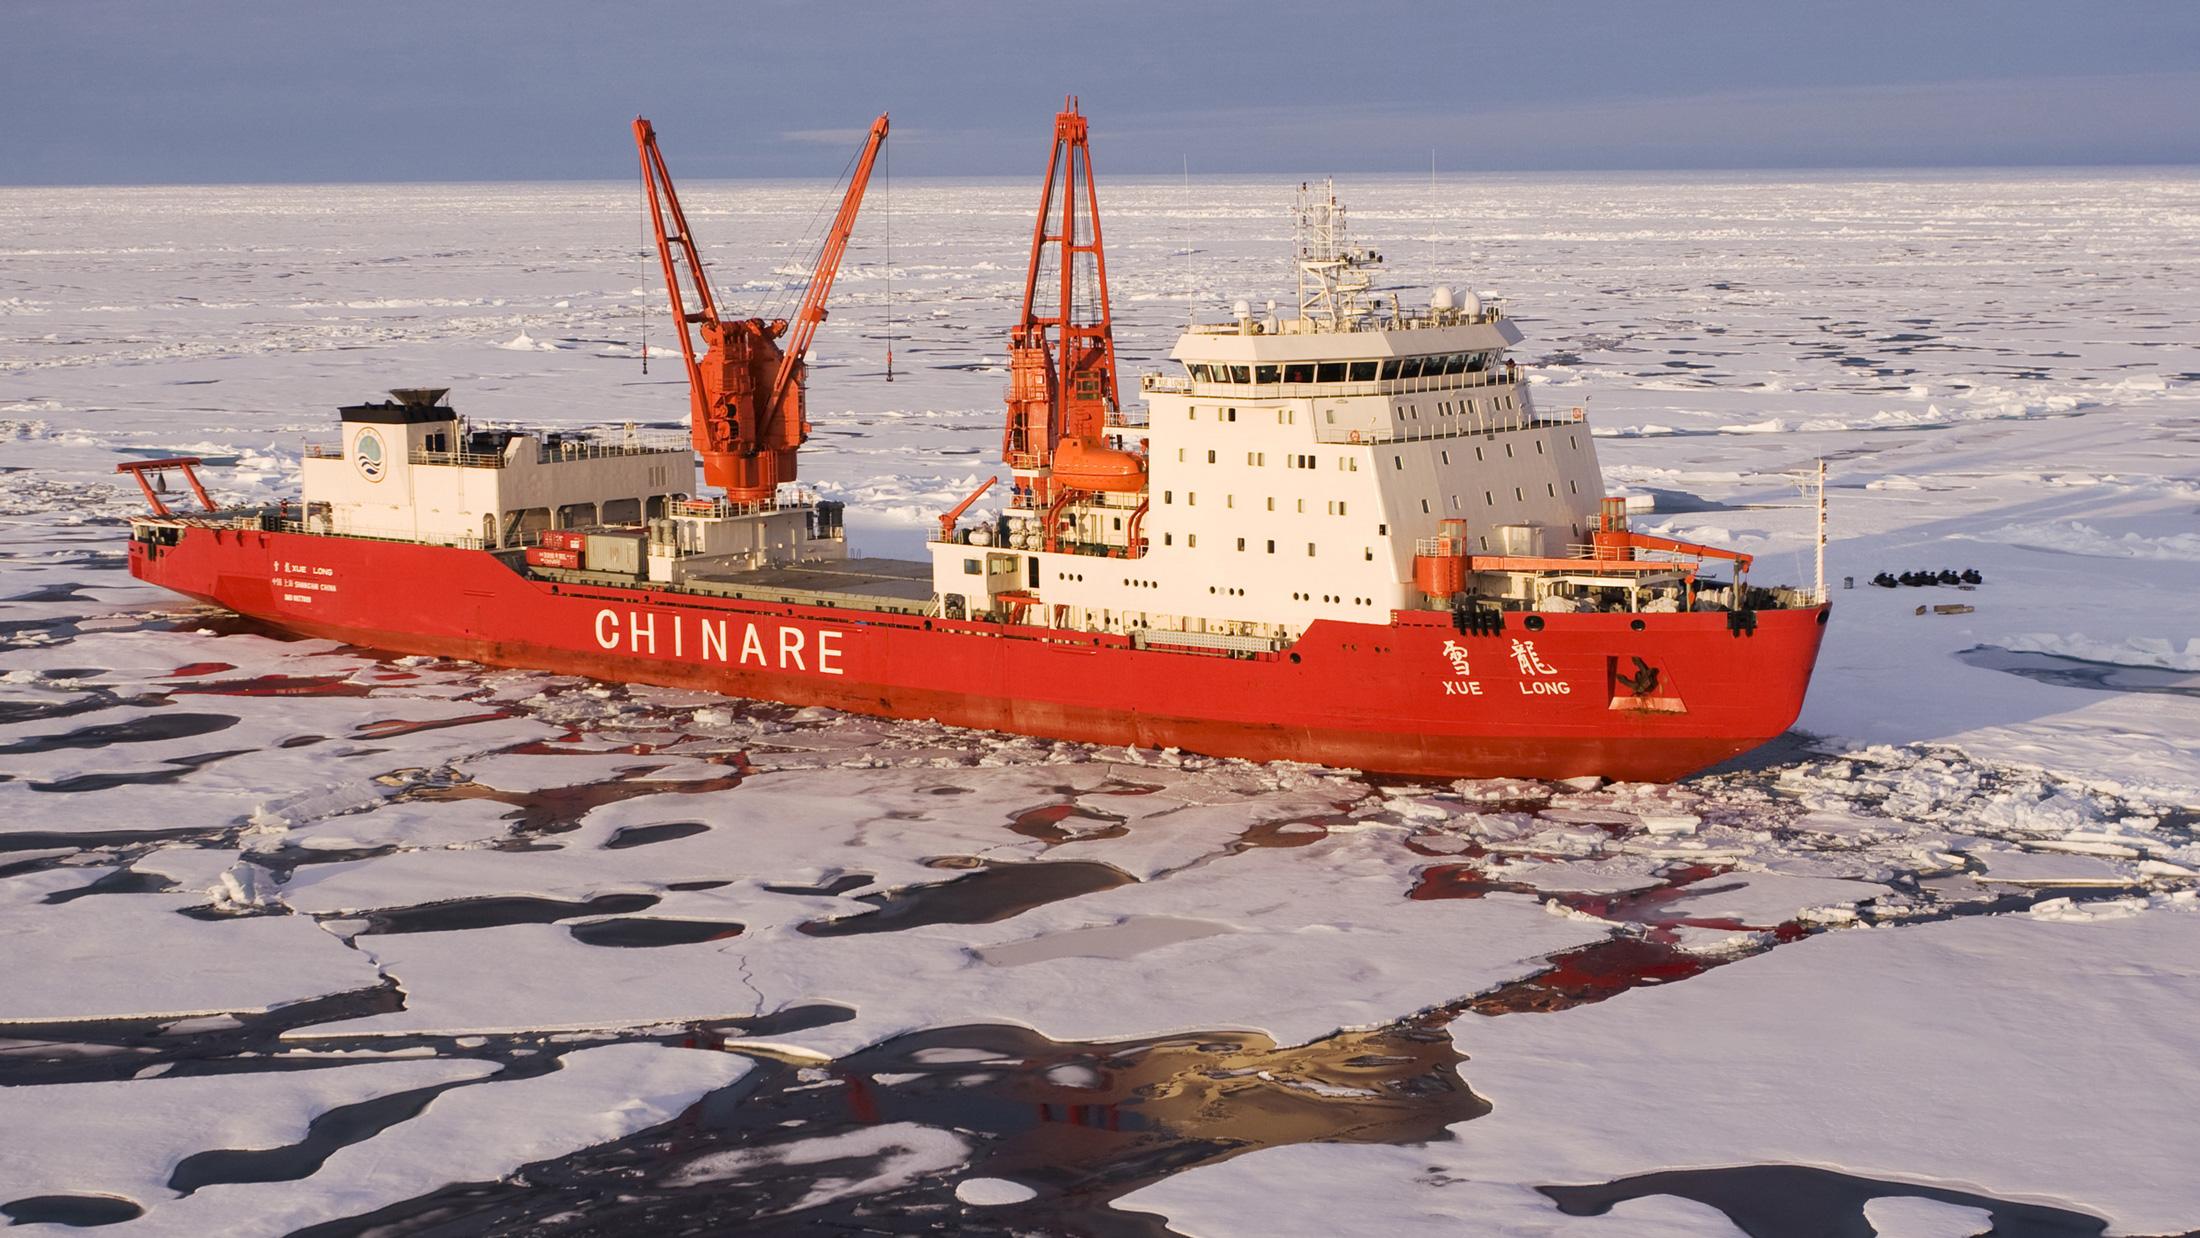 Xue Long icebreaker